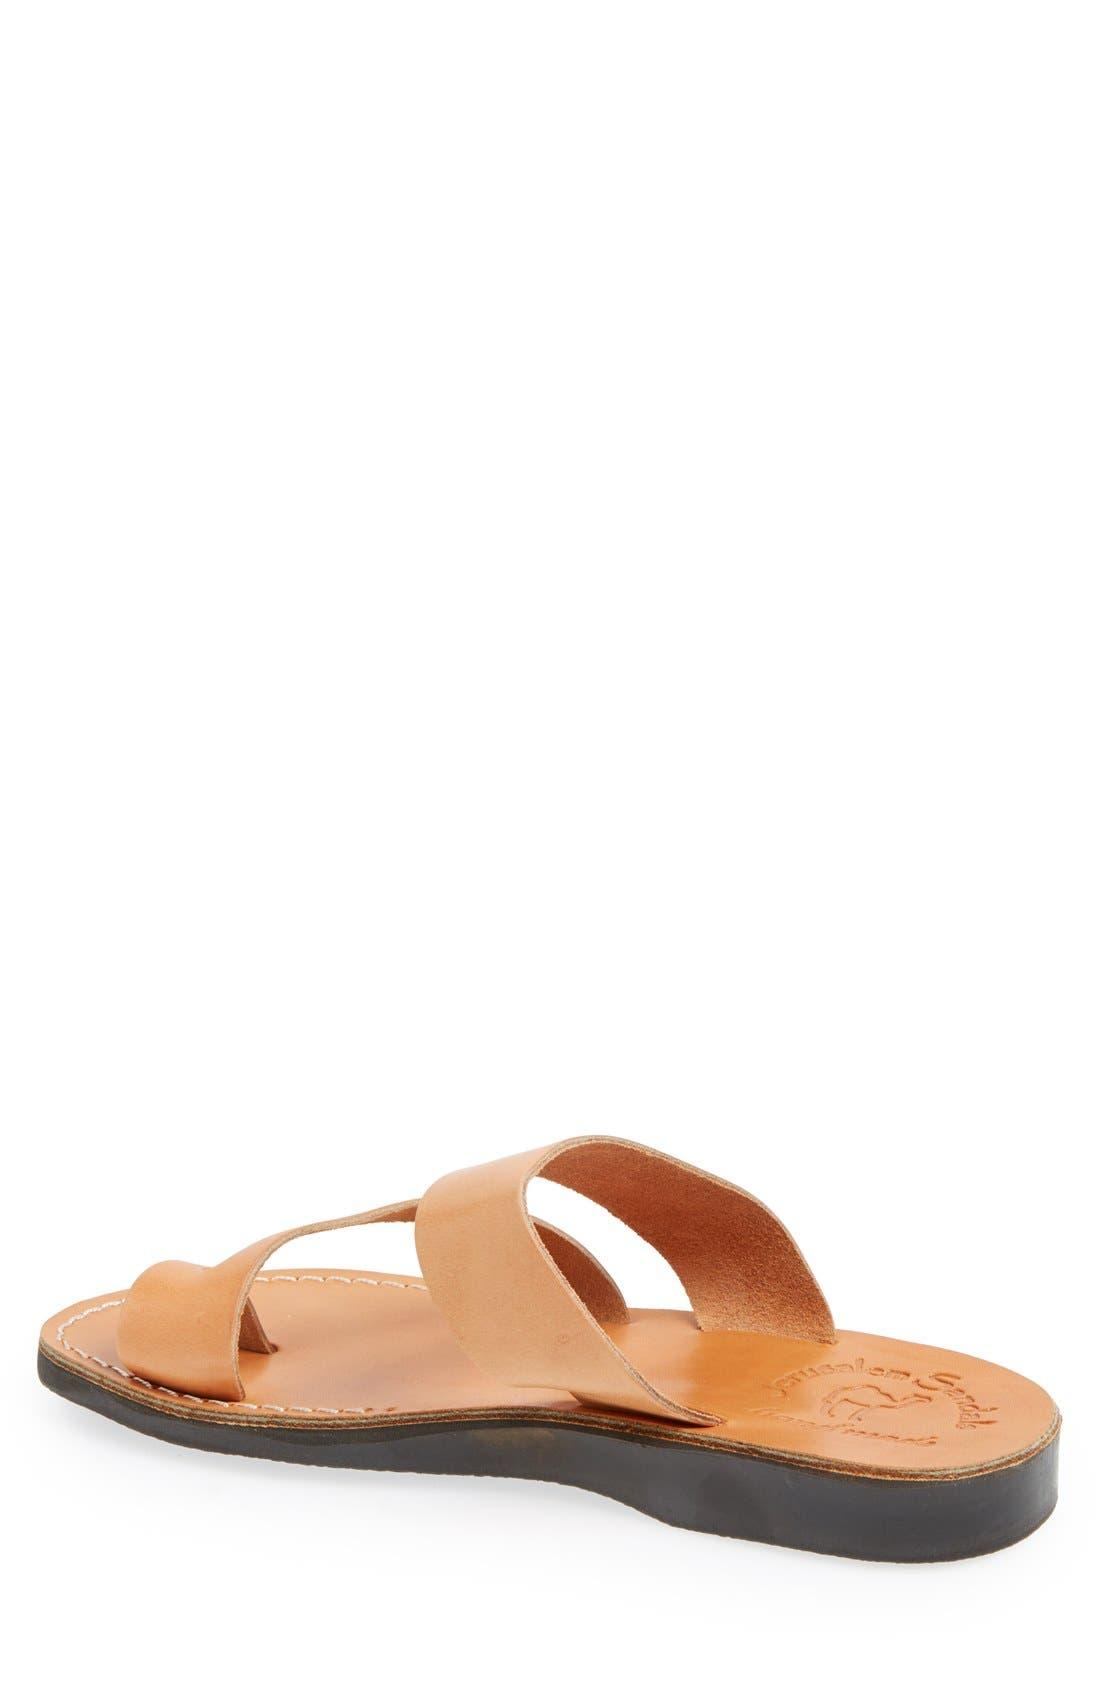 'Zohar' Leather Sandal,                             Alternate thumbnail 2, color,                             Tan